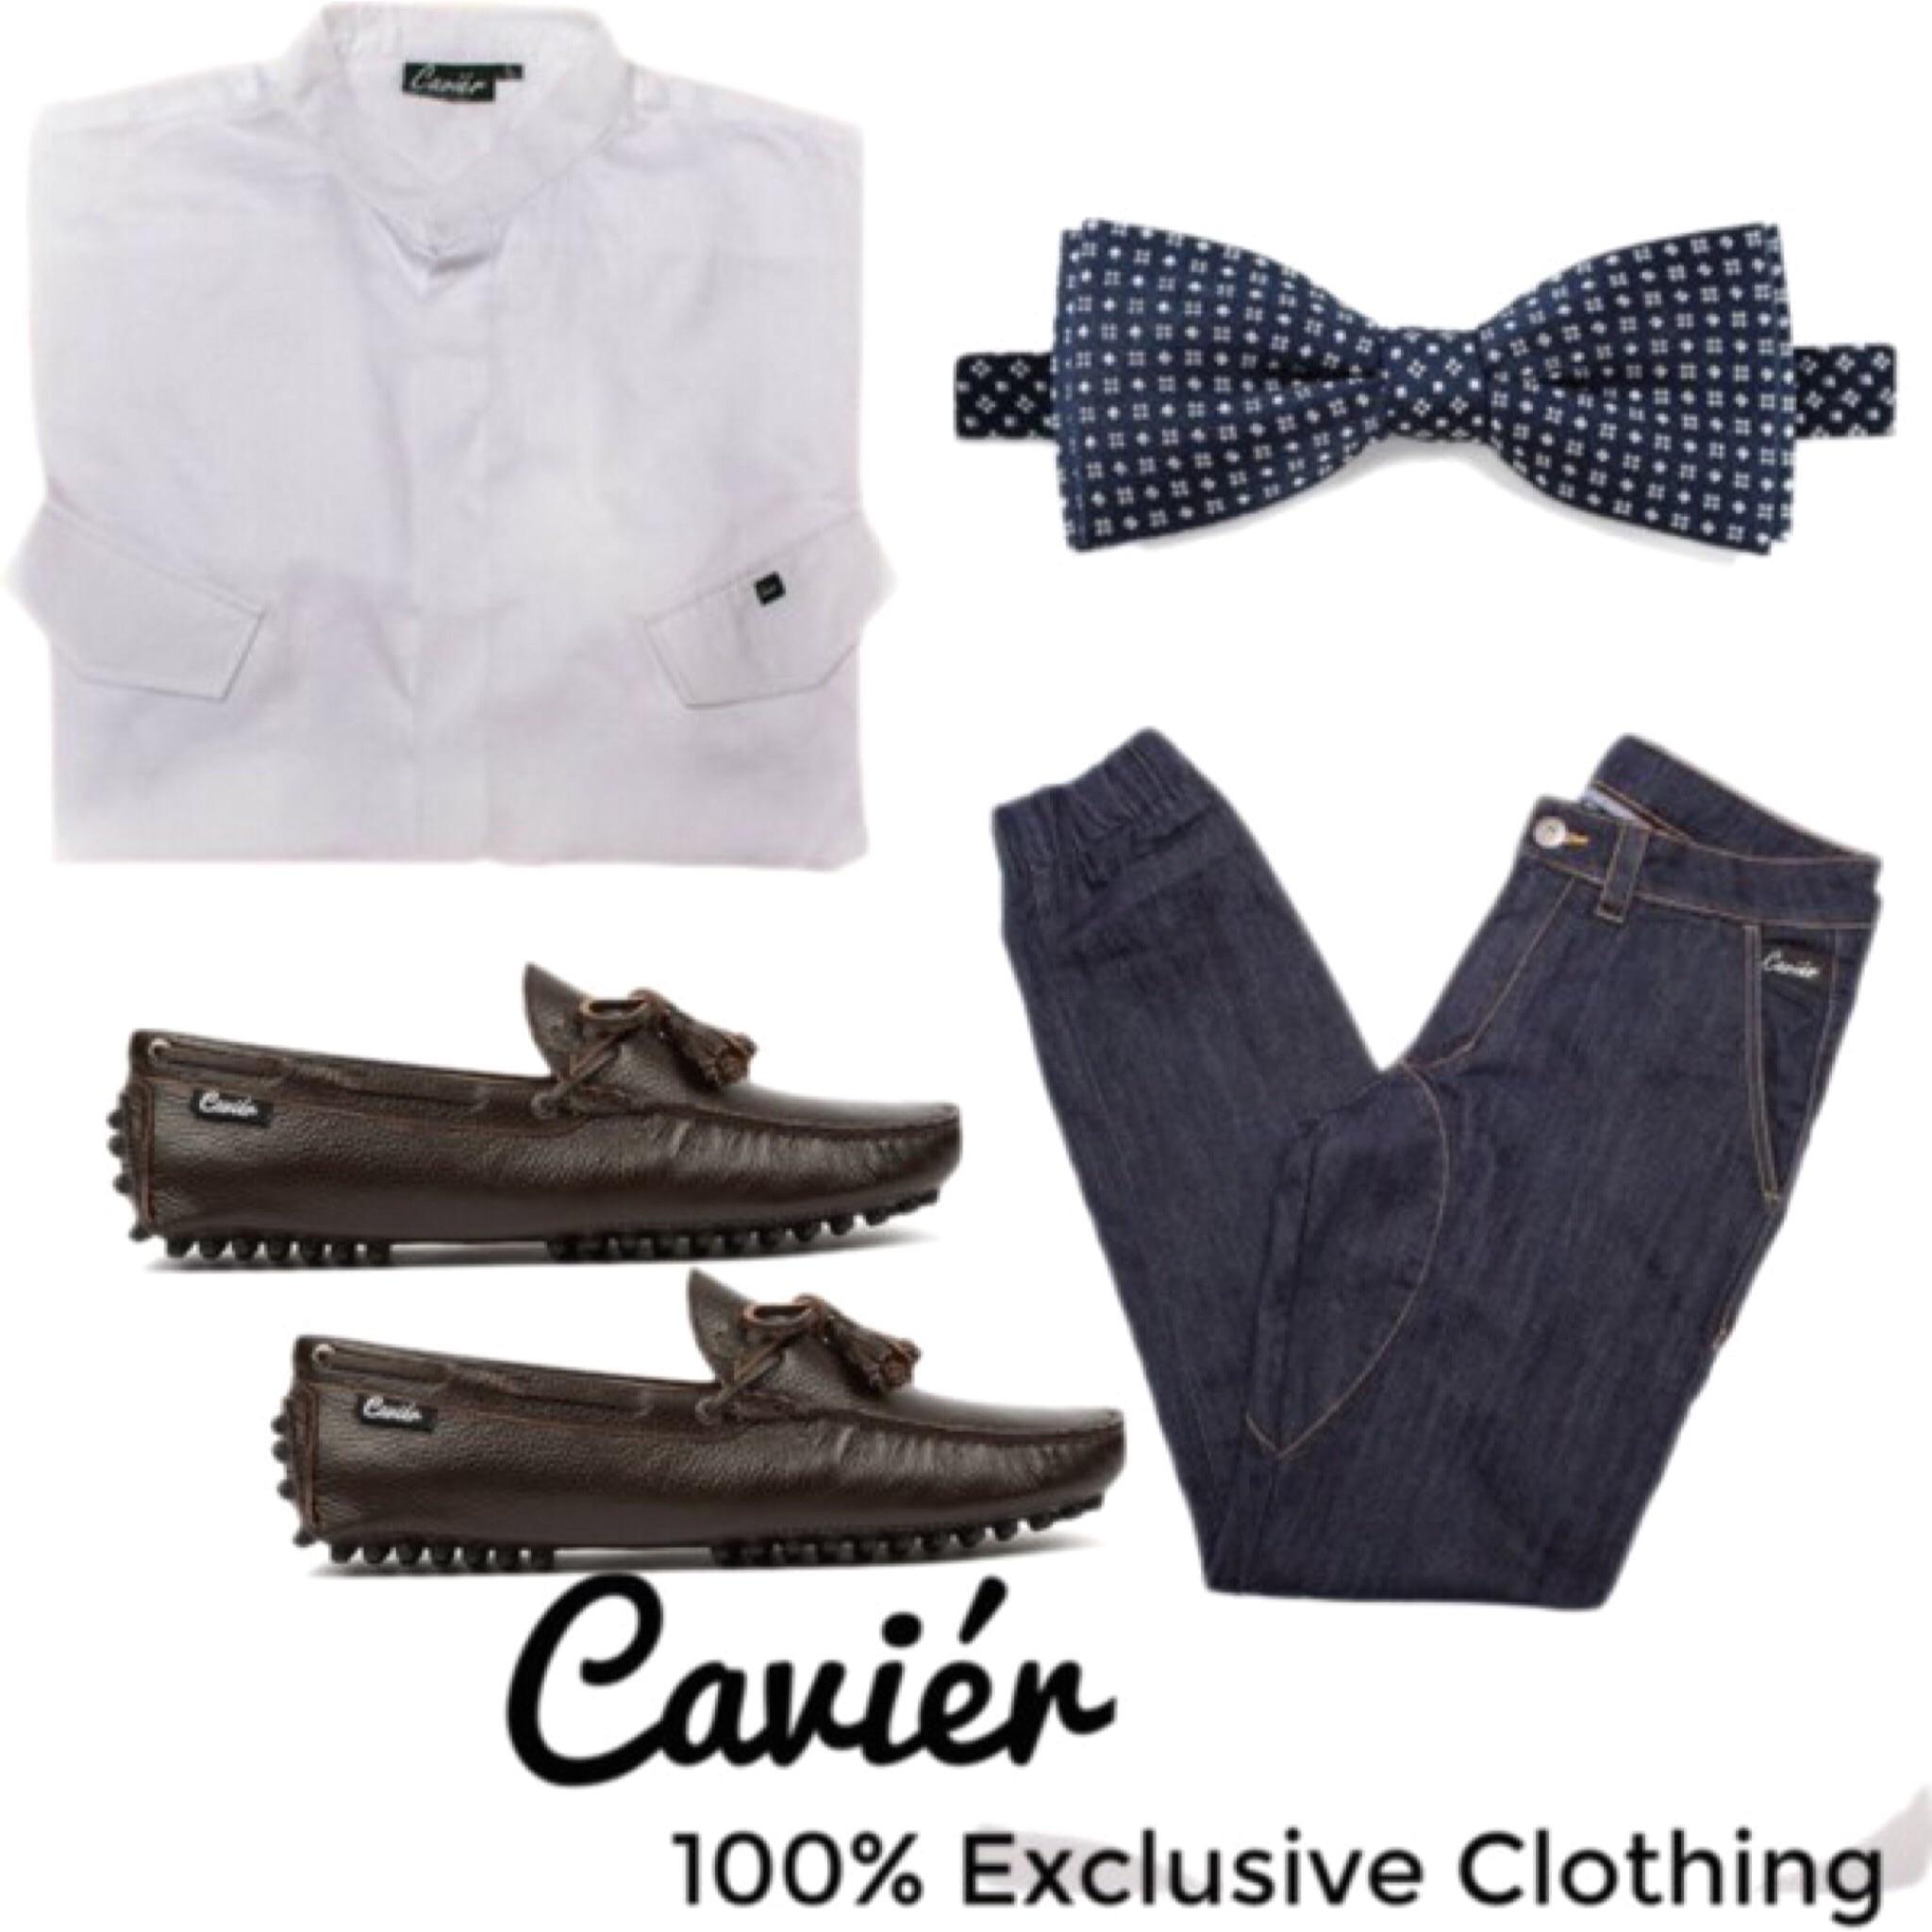 """""""The Cavier Gentleman""""  Shirt: CAVIERCLOTHING.COM; $80  Joggers: CAVIERCLOTHING.COM; $70  Loafers: CAVIERCLOTHING.COM; $120"""